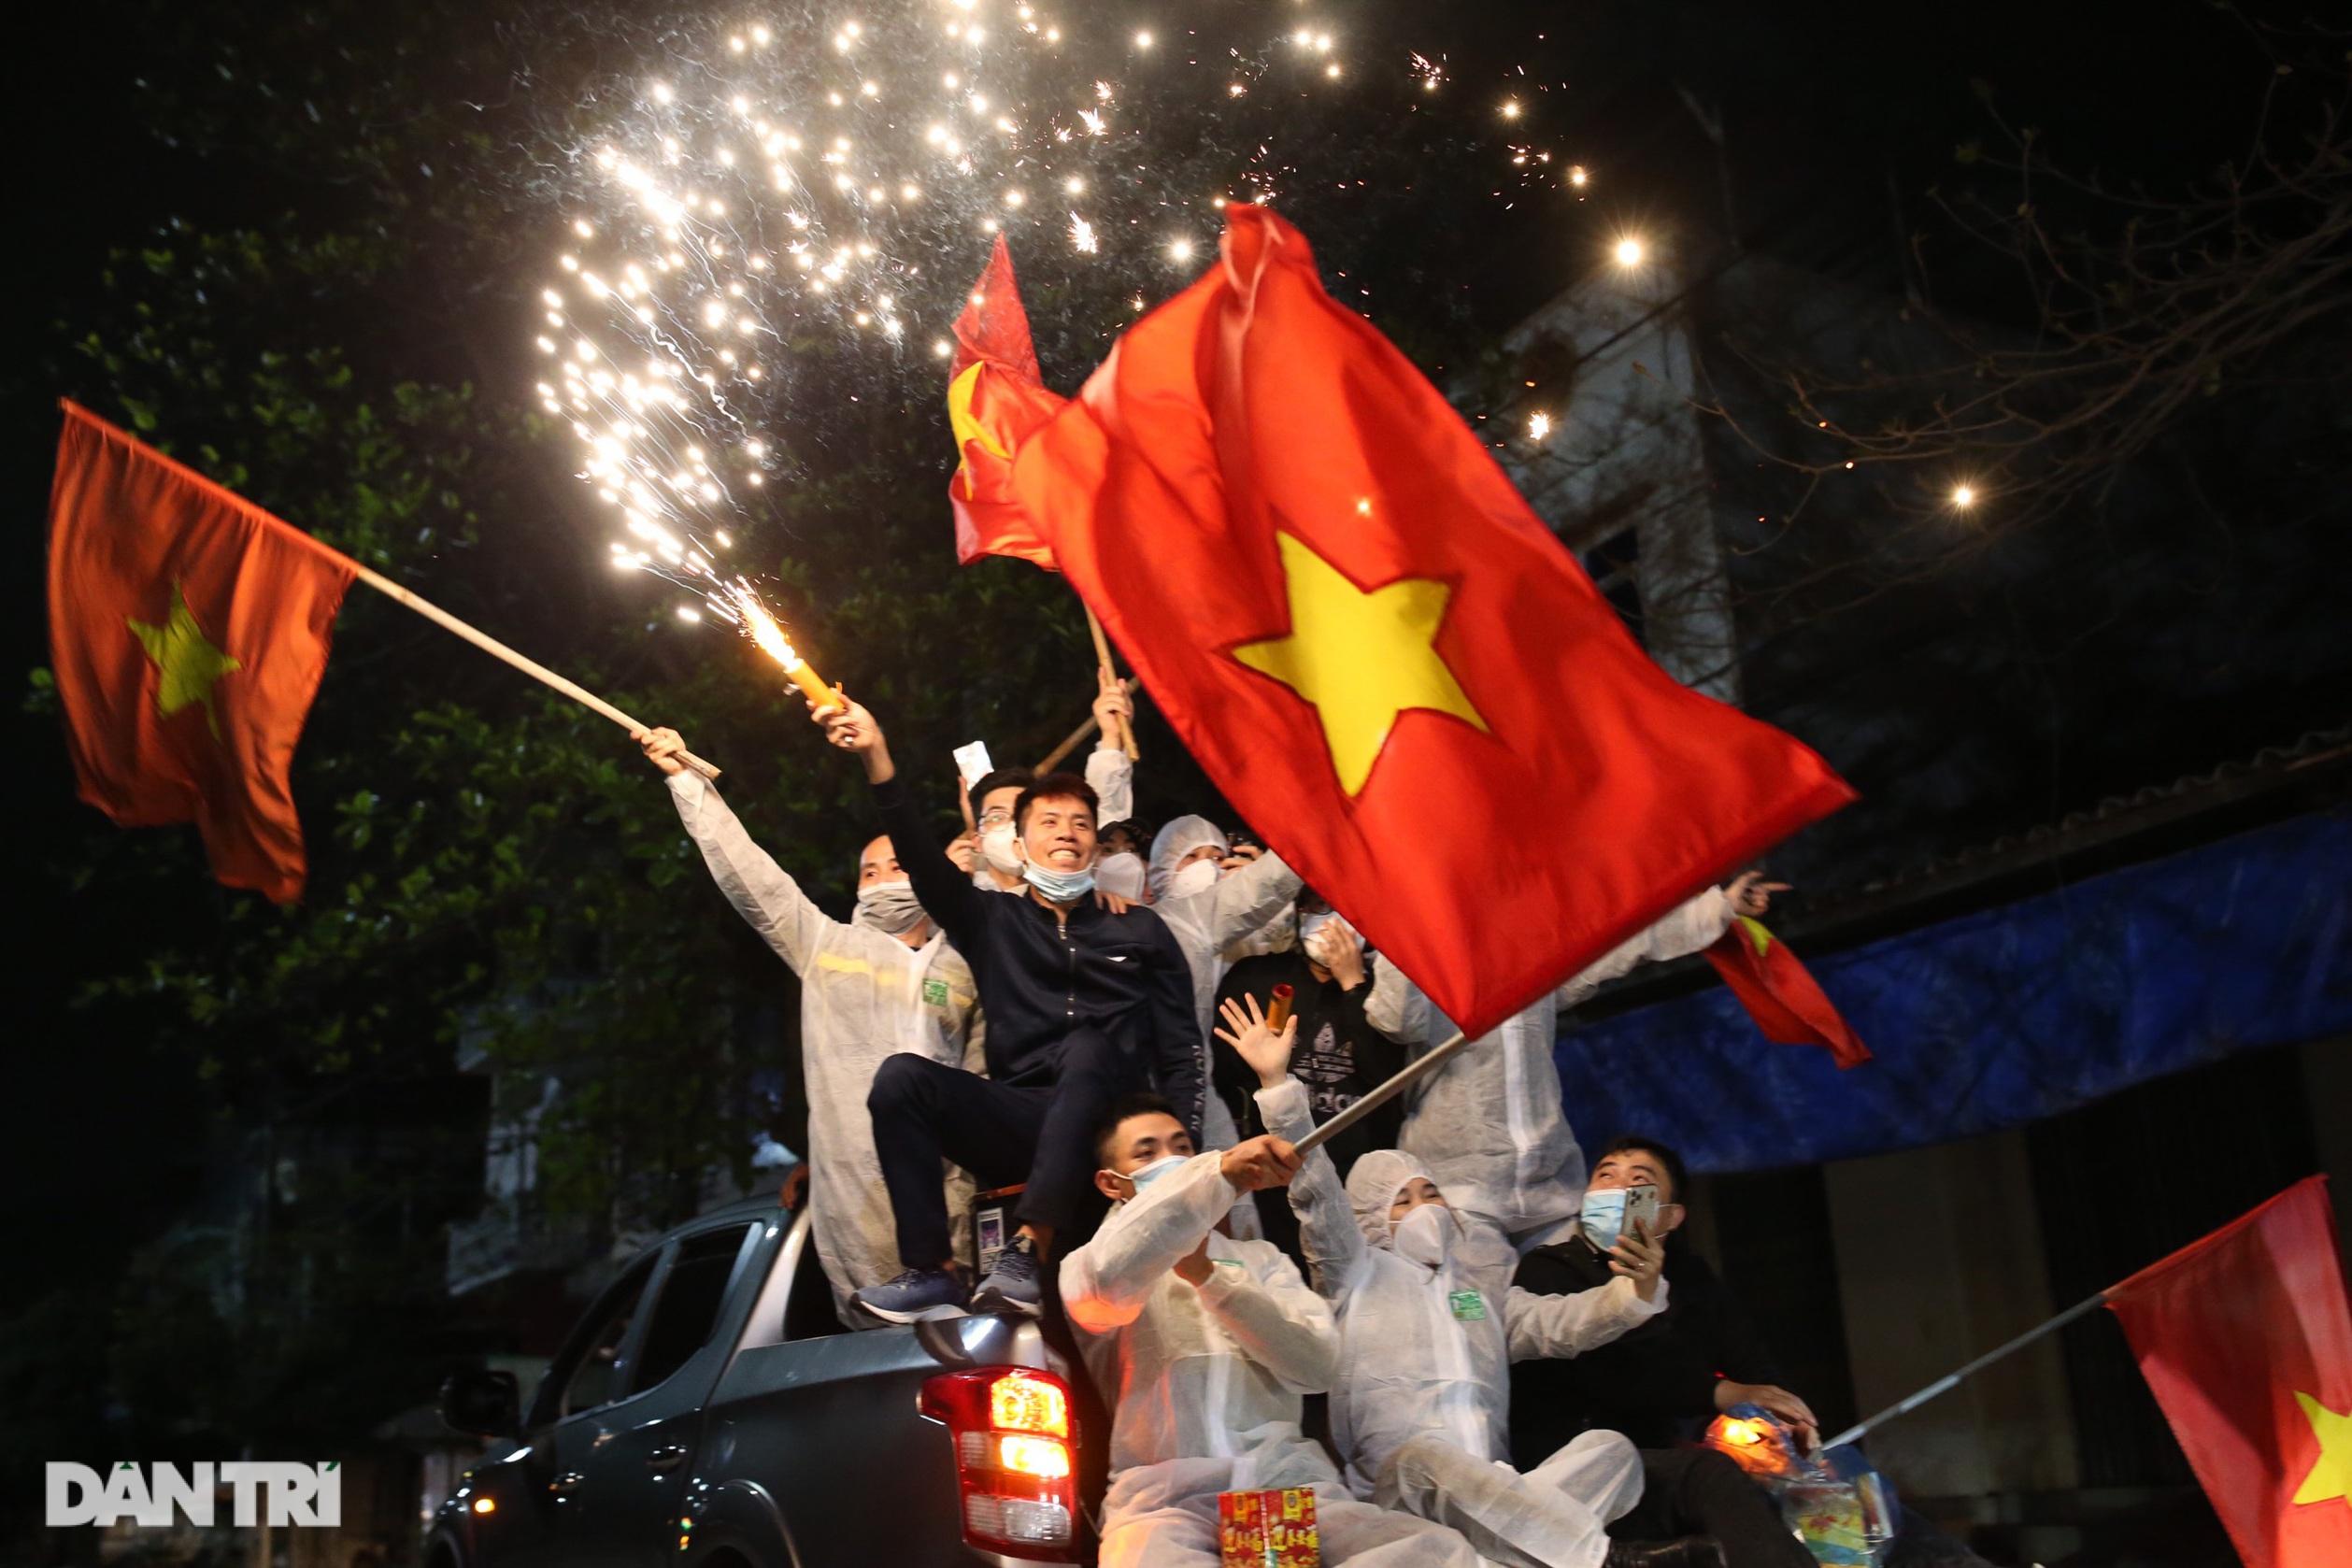 Pháo hoa rực rỡ, người dân vỡ òa cảm xúc khi TP Chí Linh được gỡ phong tỏa - 18